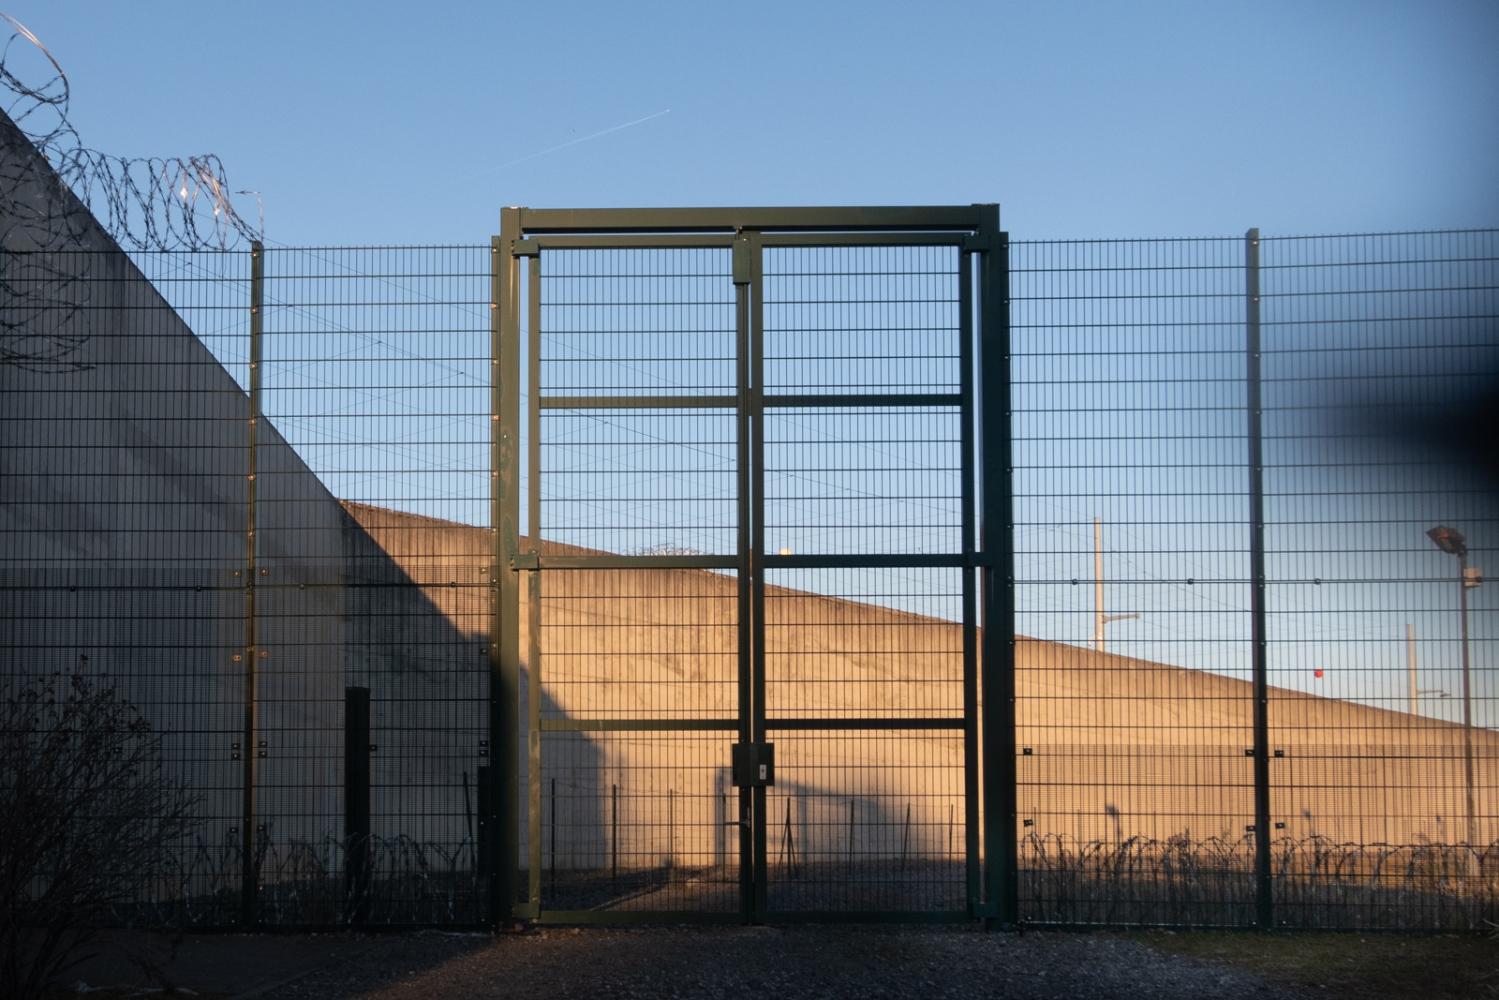 France - Lannemezan - Grille intérieure de la prison - 2019